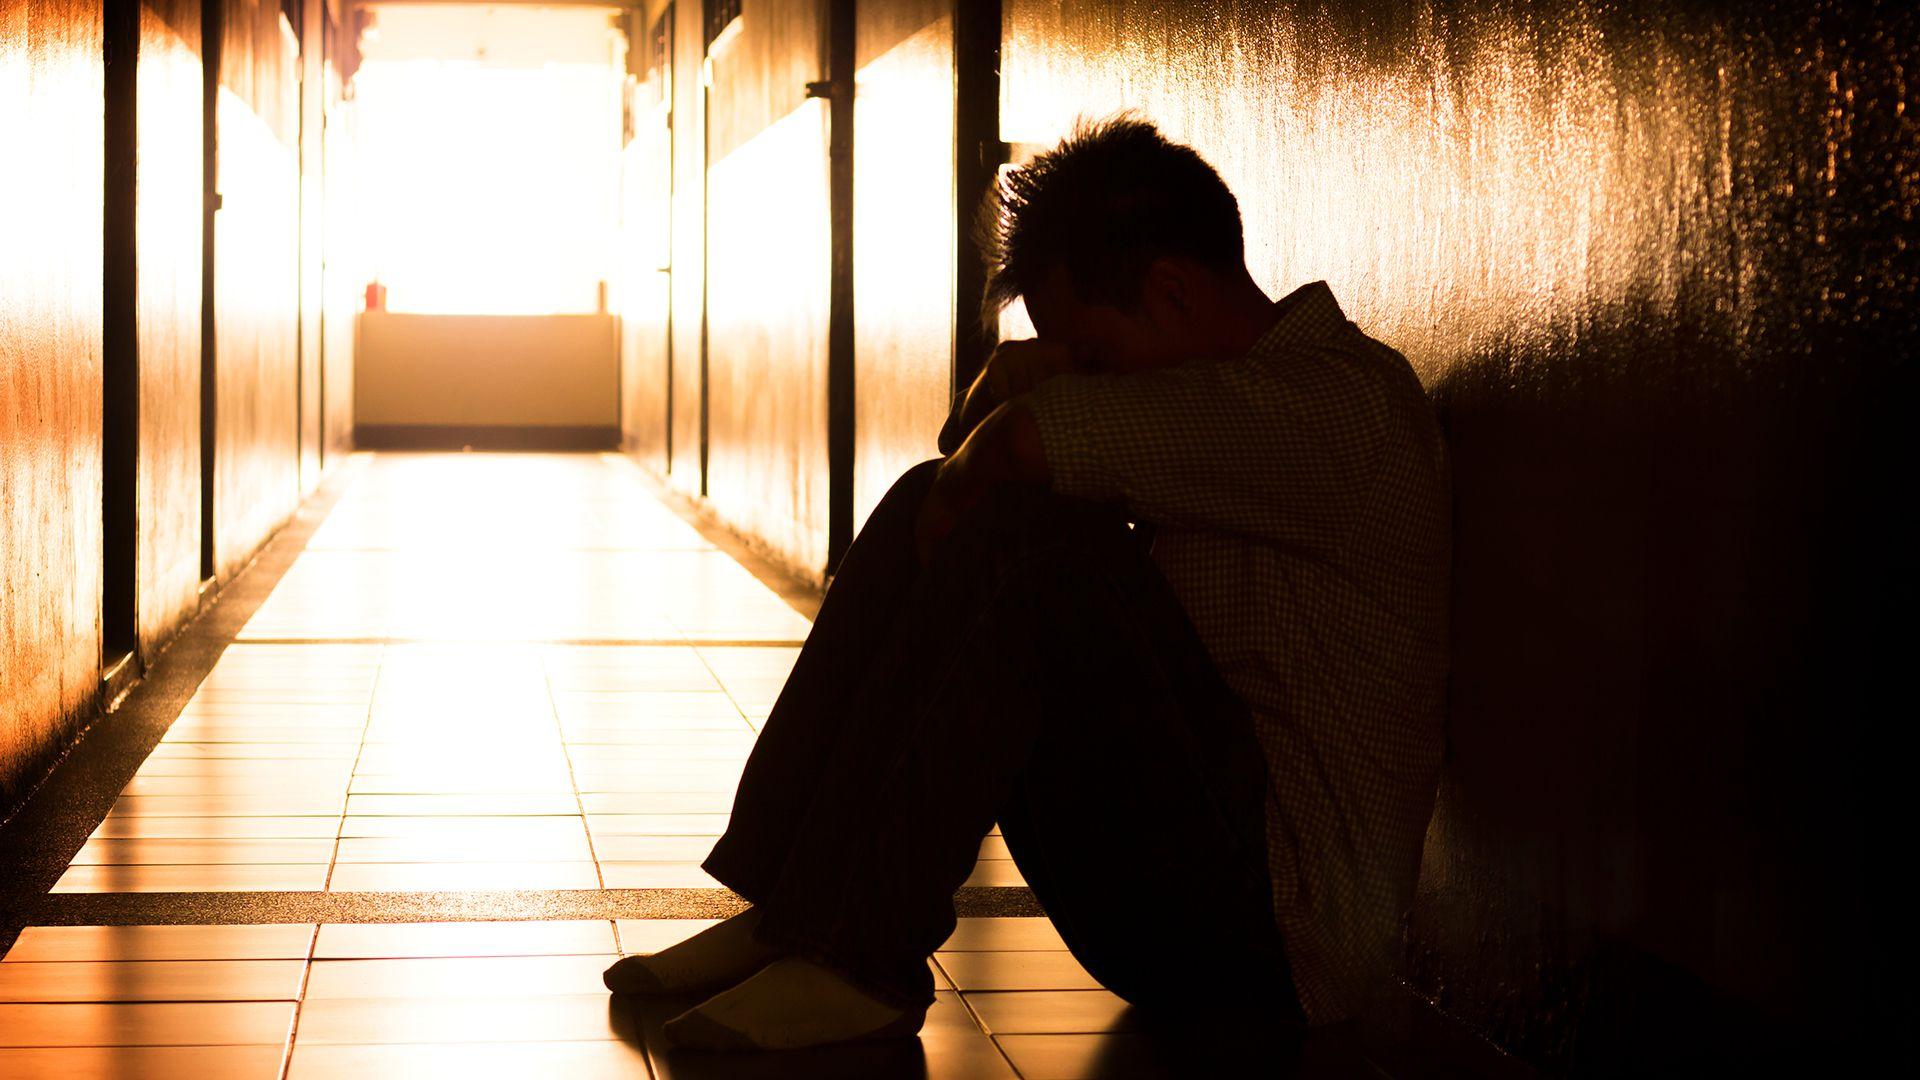 El autismo se presenta también en algunos casos en la adultez (Shutterstock)